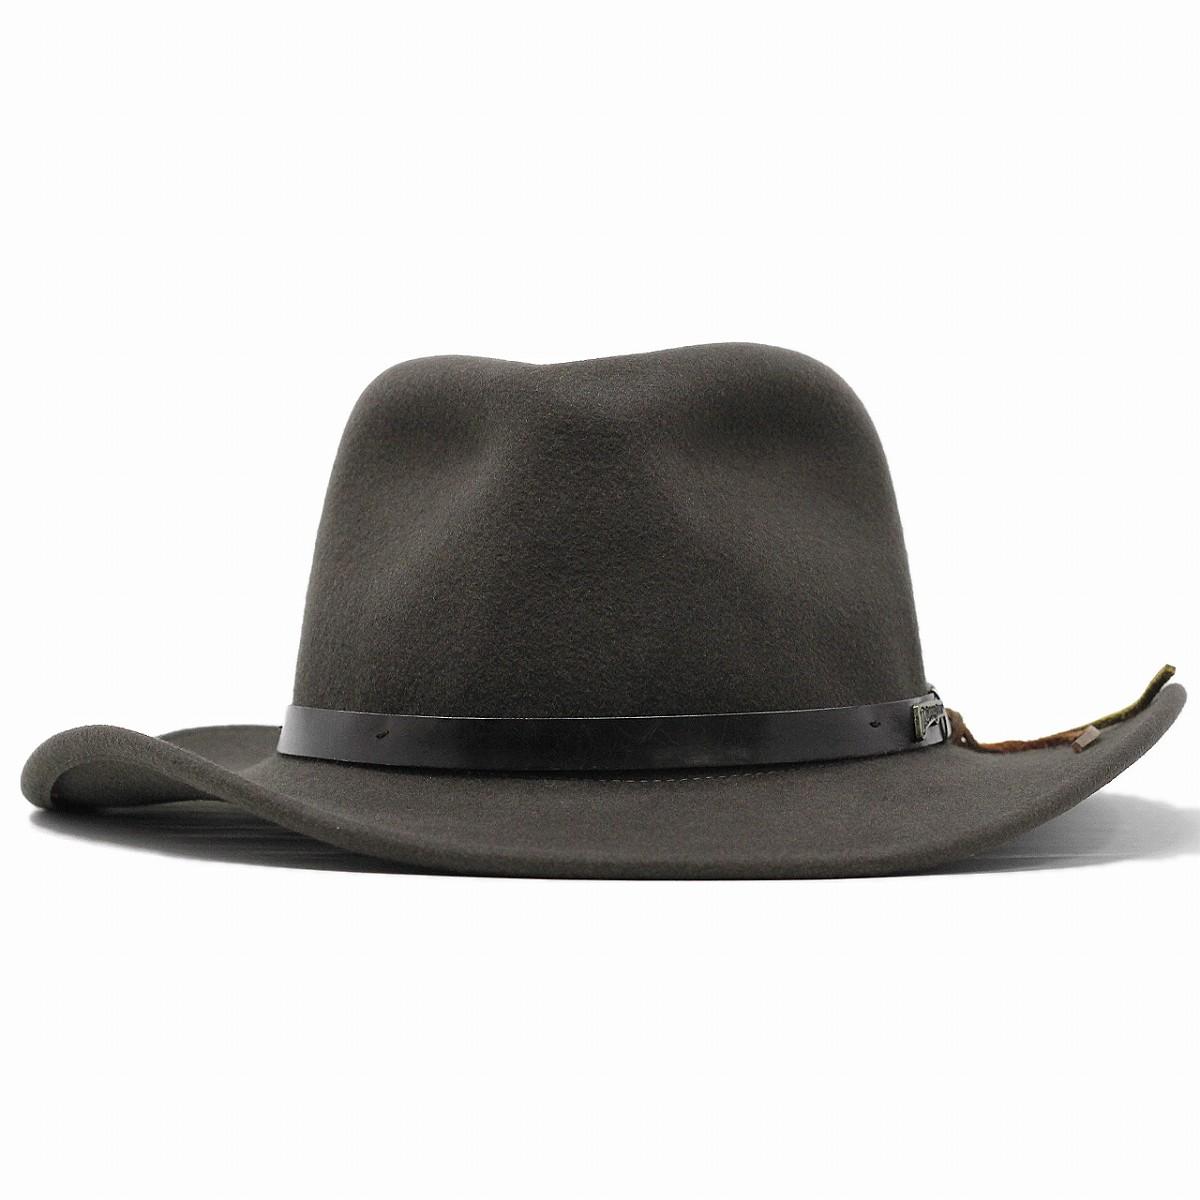 bb5fd7f27 Cowboy hats felt hats Indiana Jones Hat men's wide brim leather-like belt  wool winter Western adventure / Brown tea